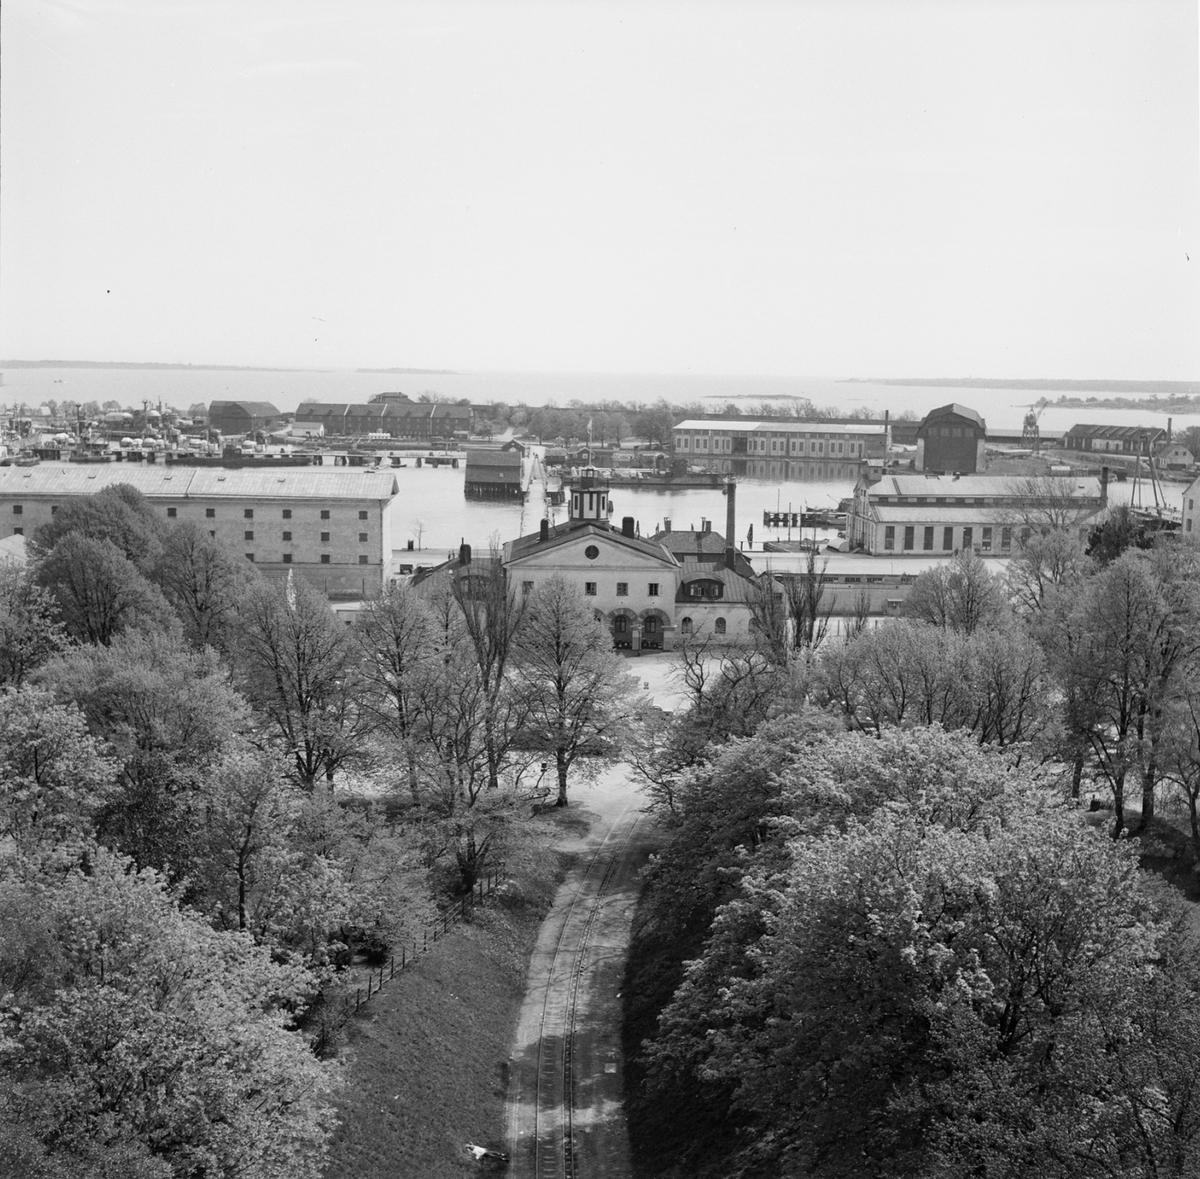 Övrigt: Fotodatum:4/9 1958 Byggnader och Kranar. Vyer från klockstapeln